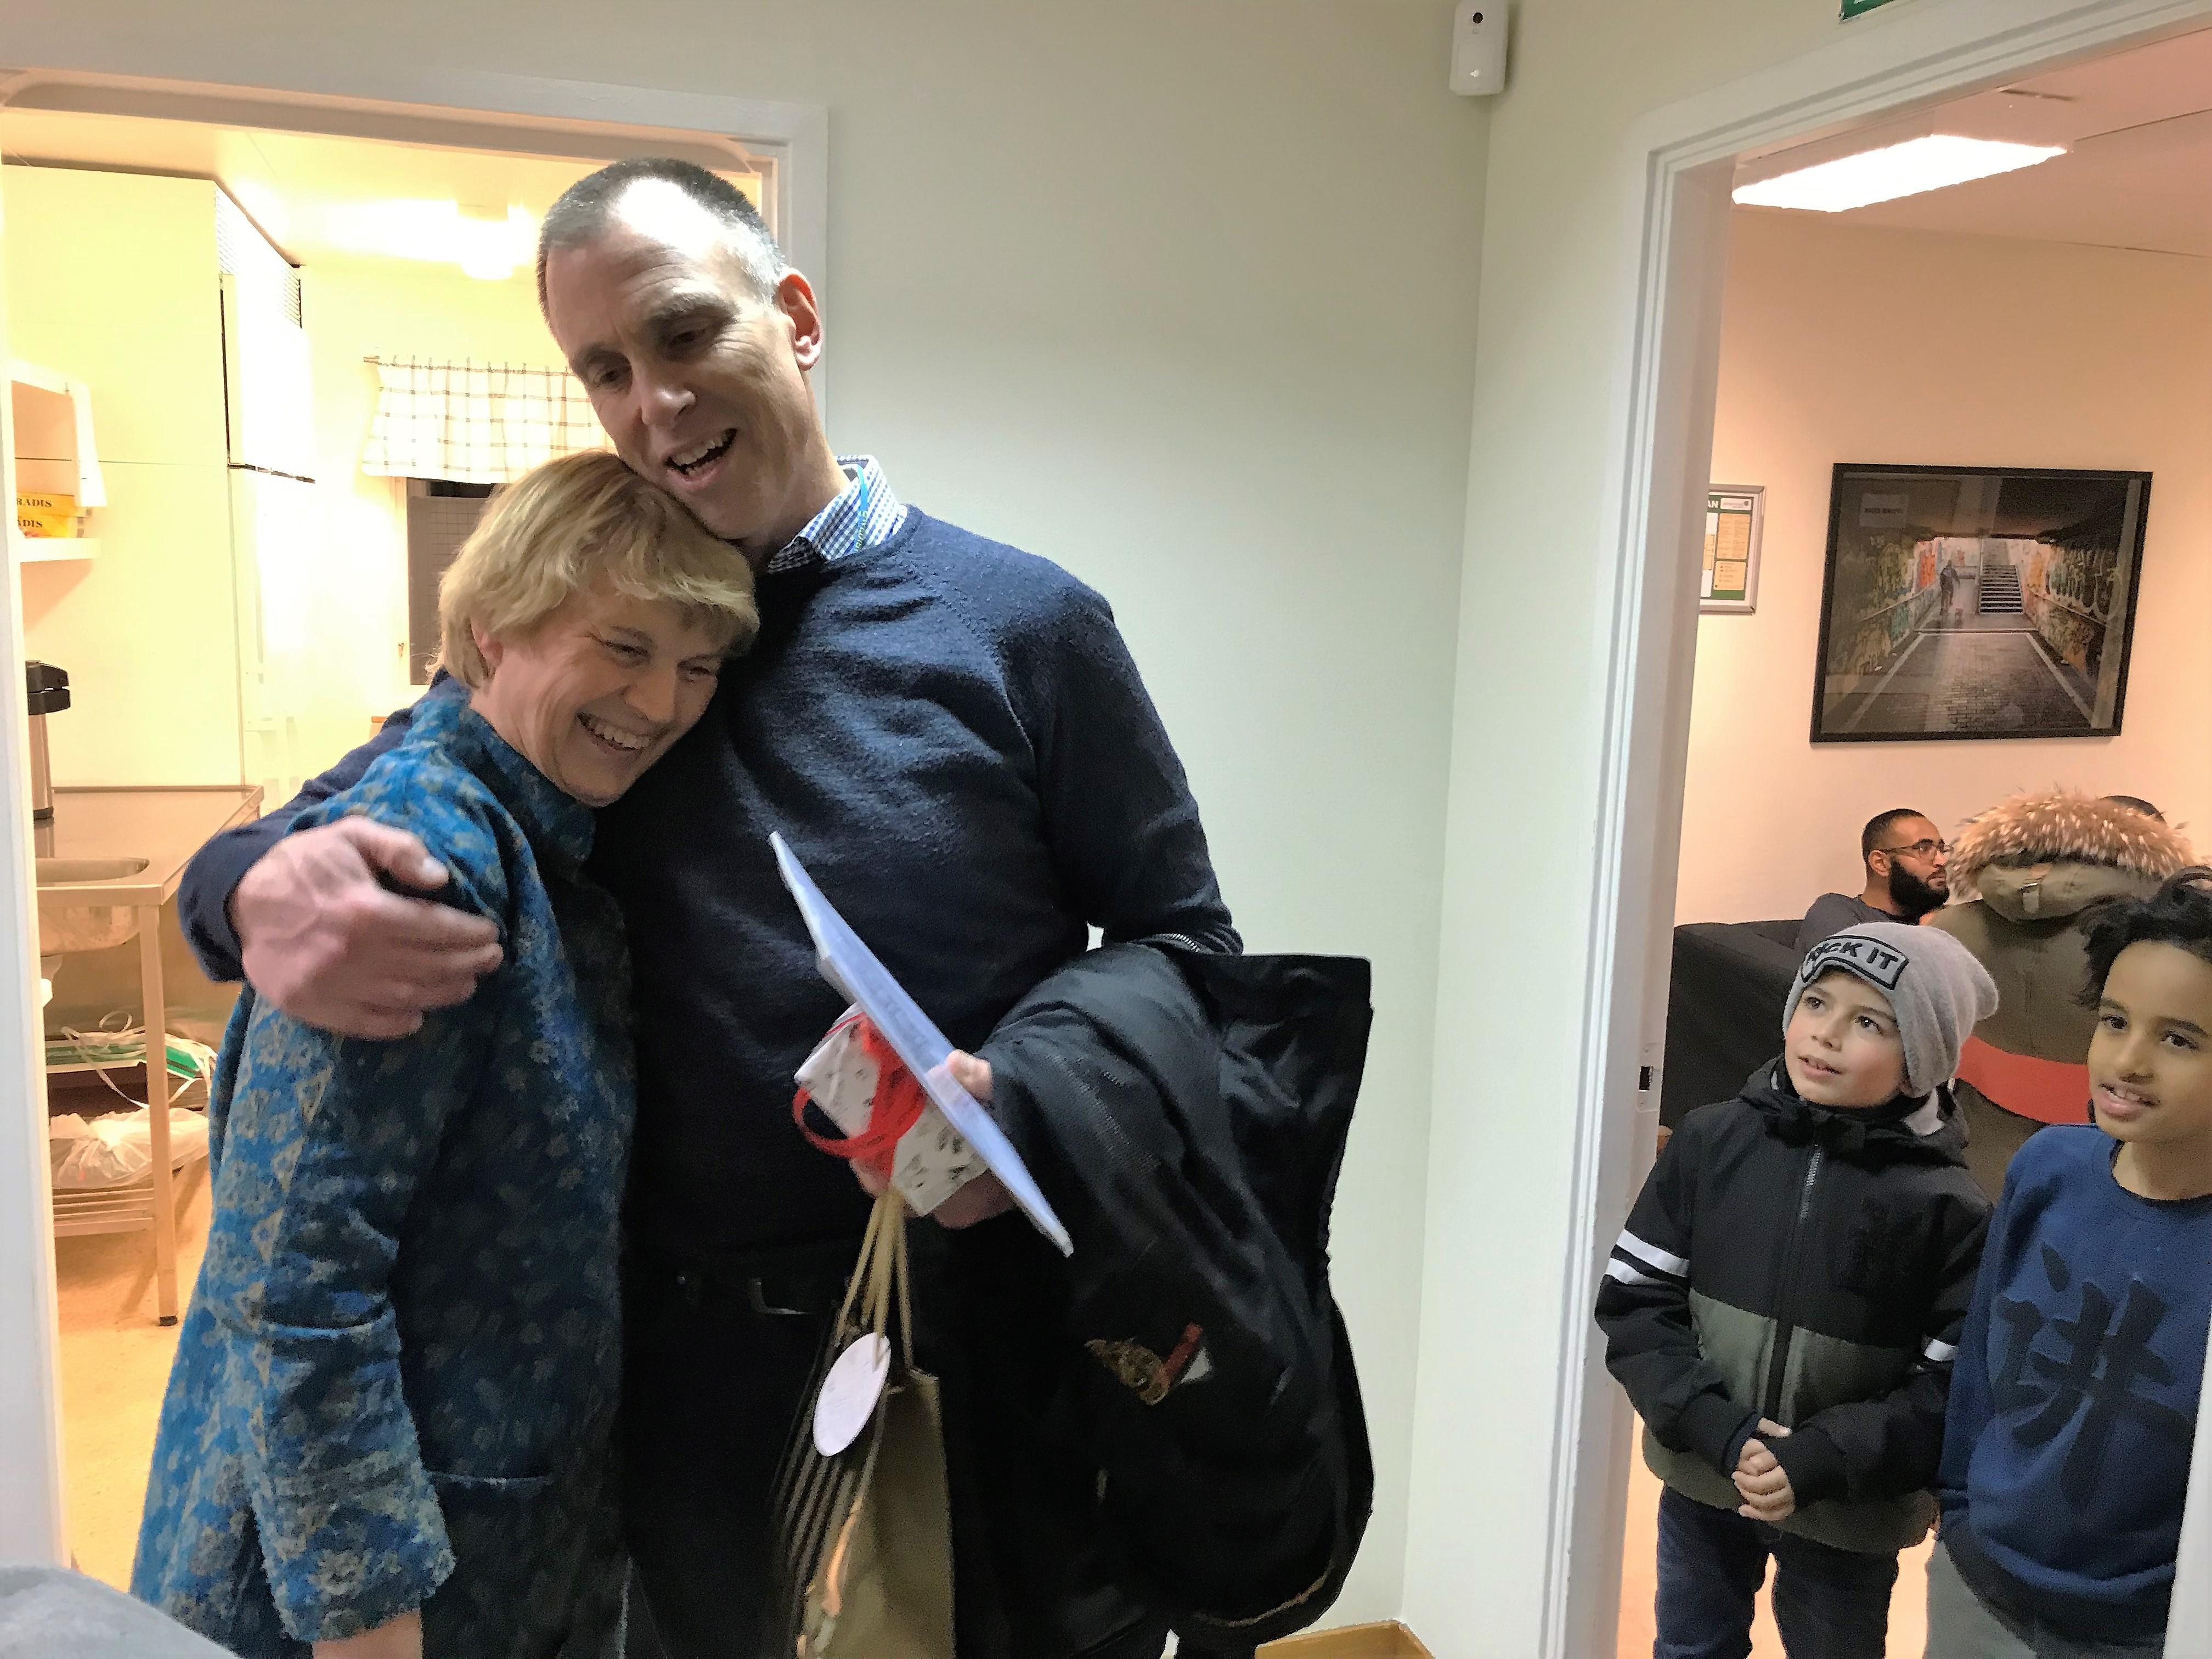 Fredrik avtackades av flera organisationer i Vivalla som uppskattat hans jobb. Monica Axelsson på Vivalla familjecentral uppvaktade med present och kram.